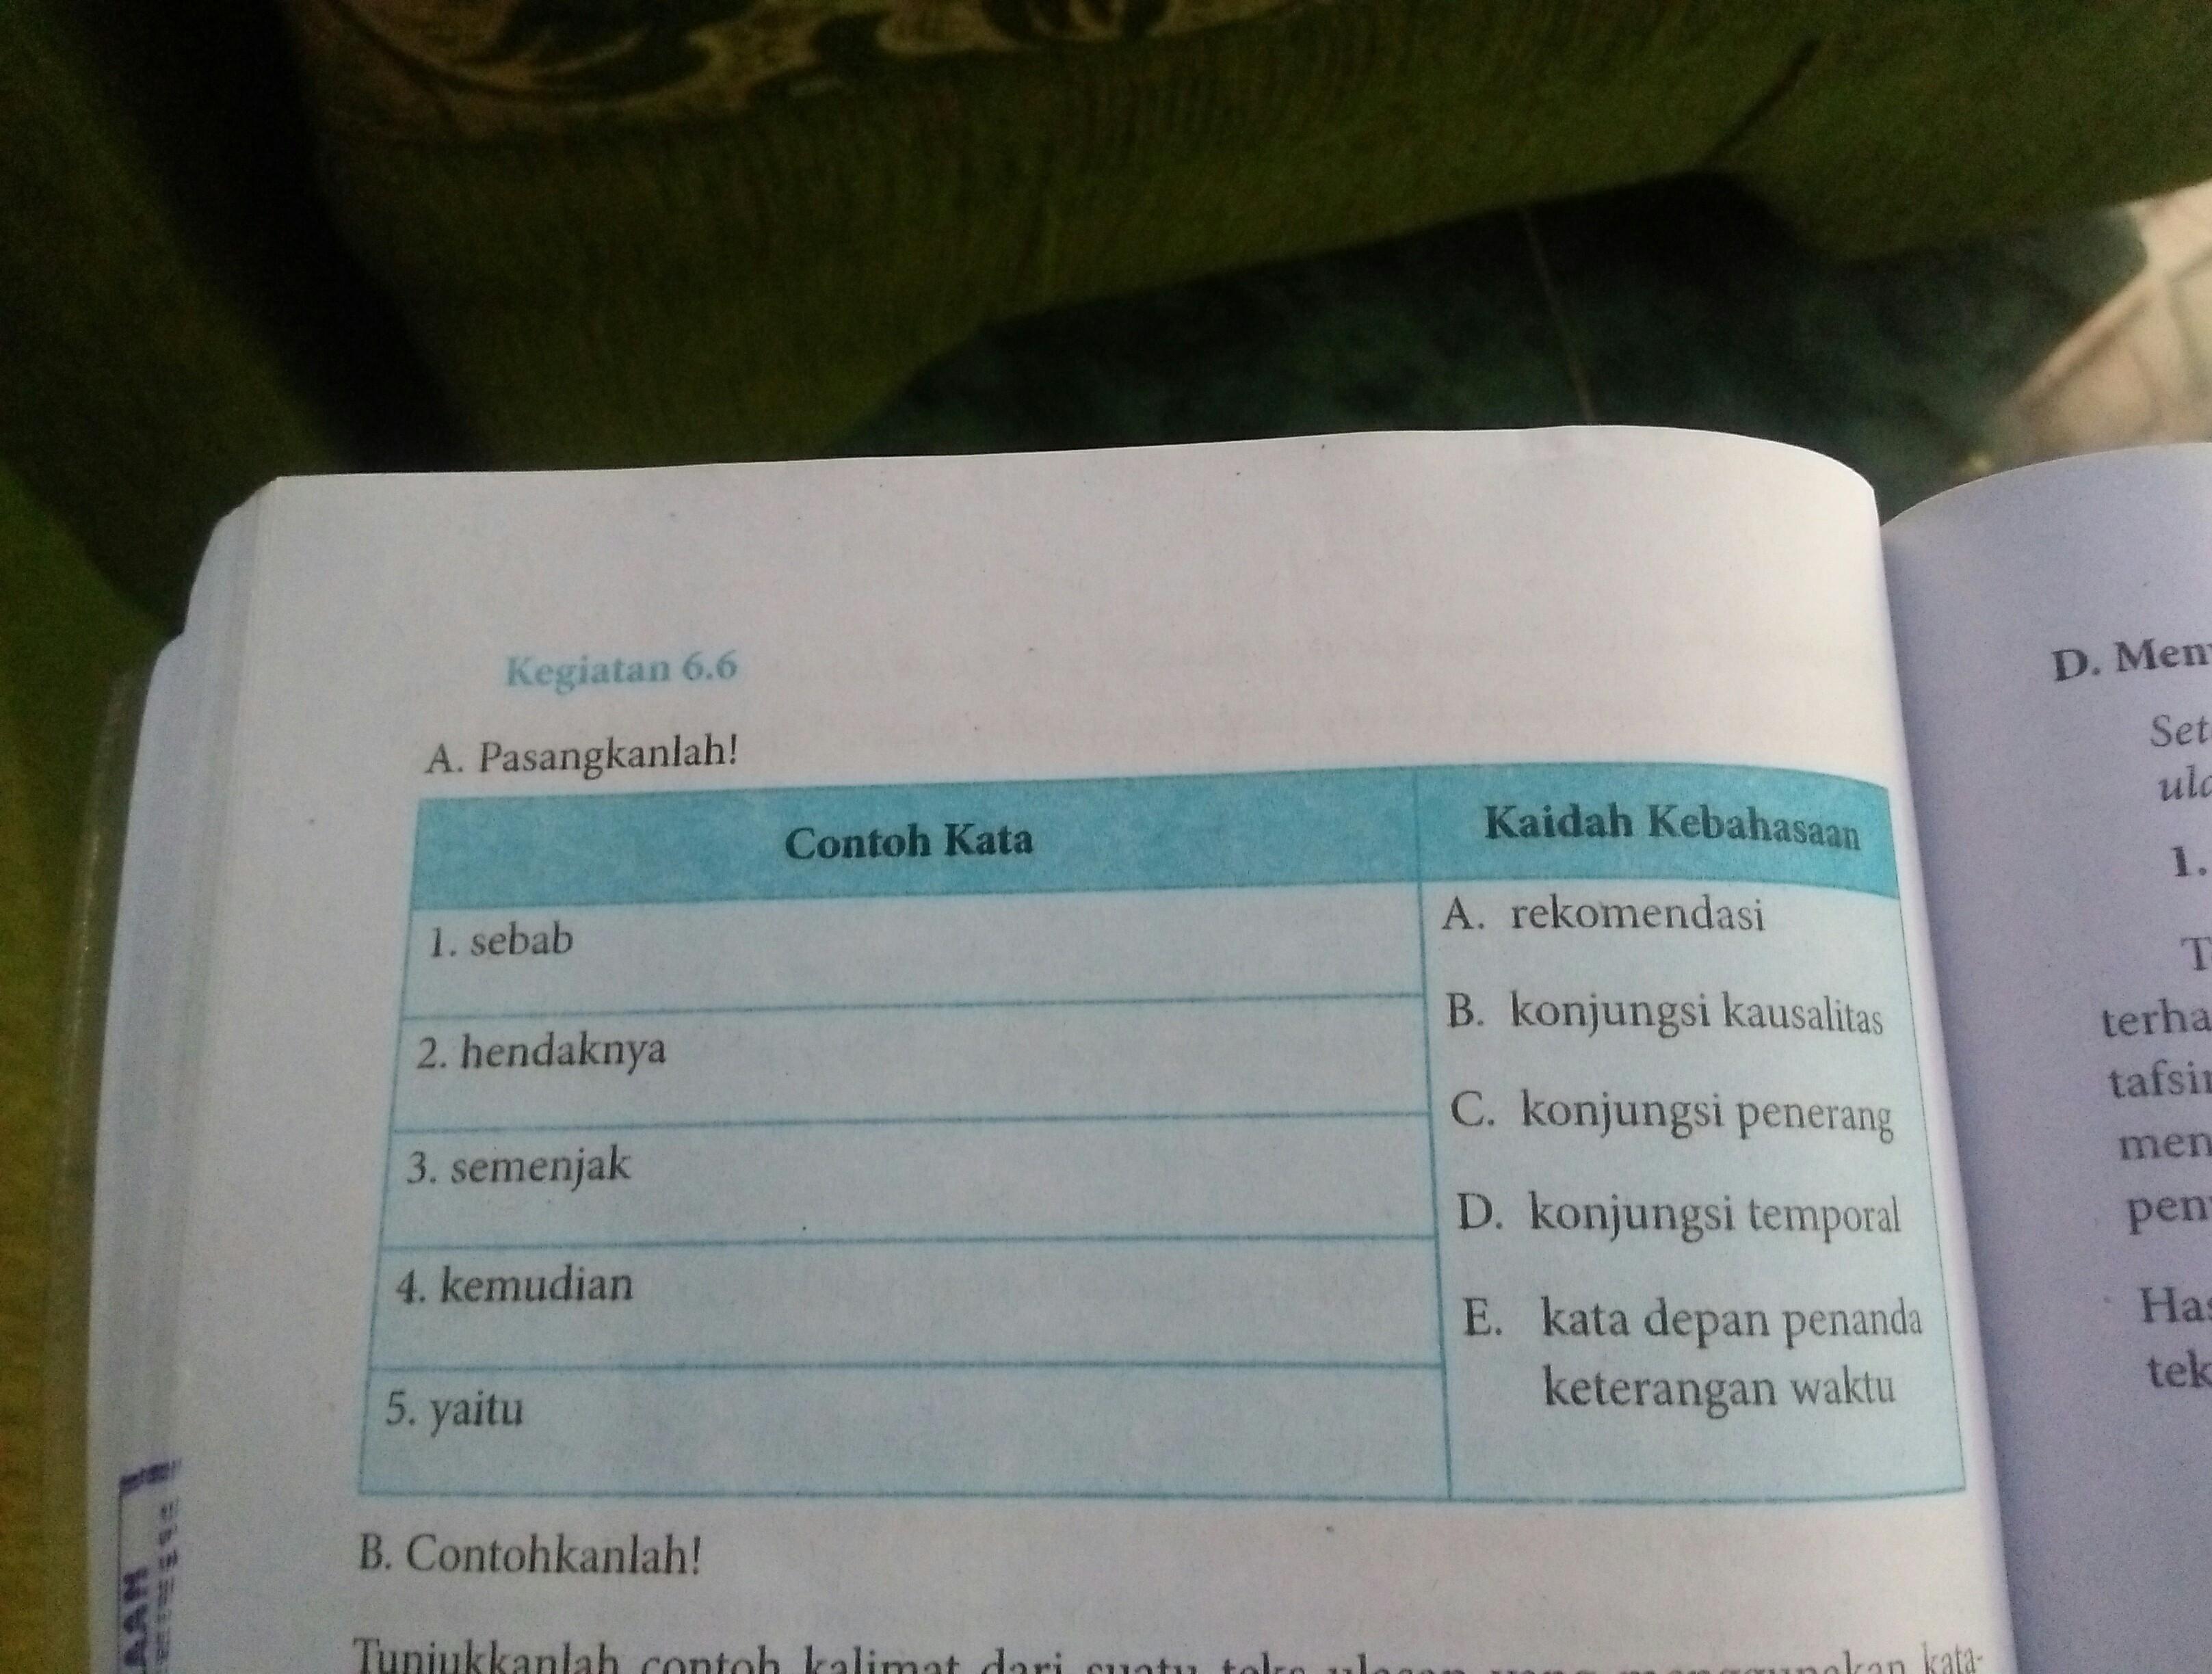 kegiatan 6.6 buku cetak bahasa indonesia kelas VIII ...